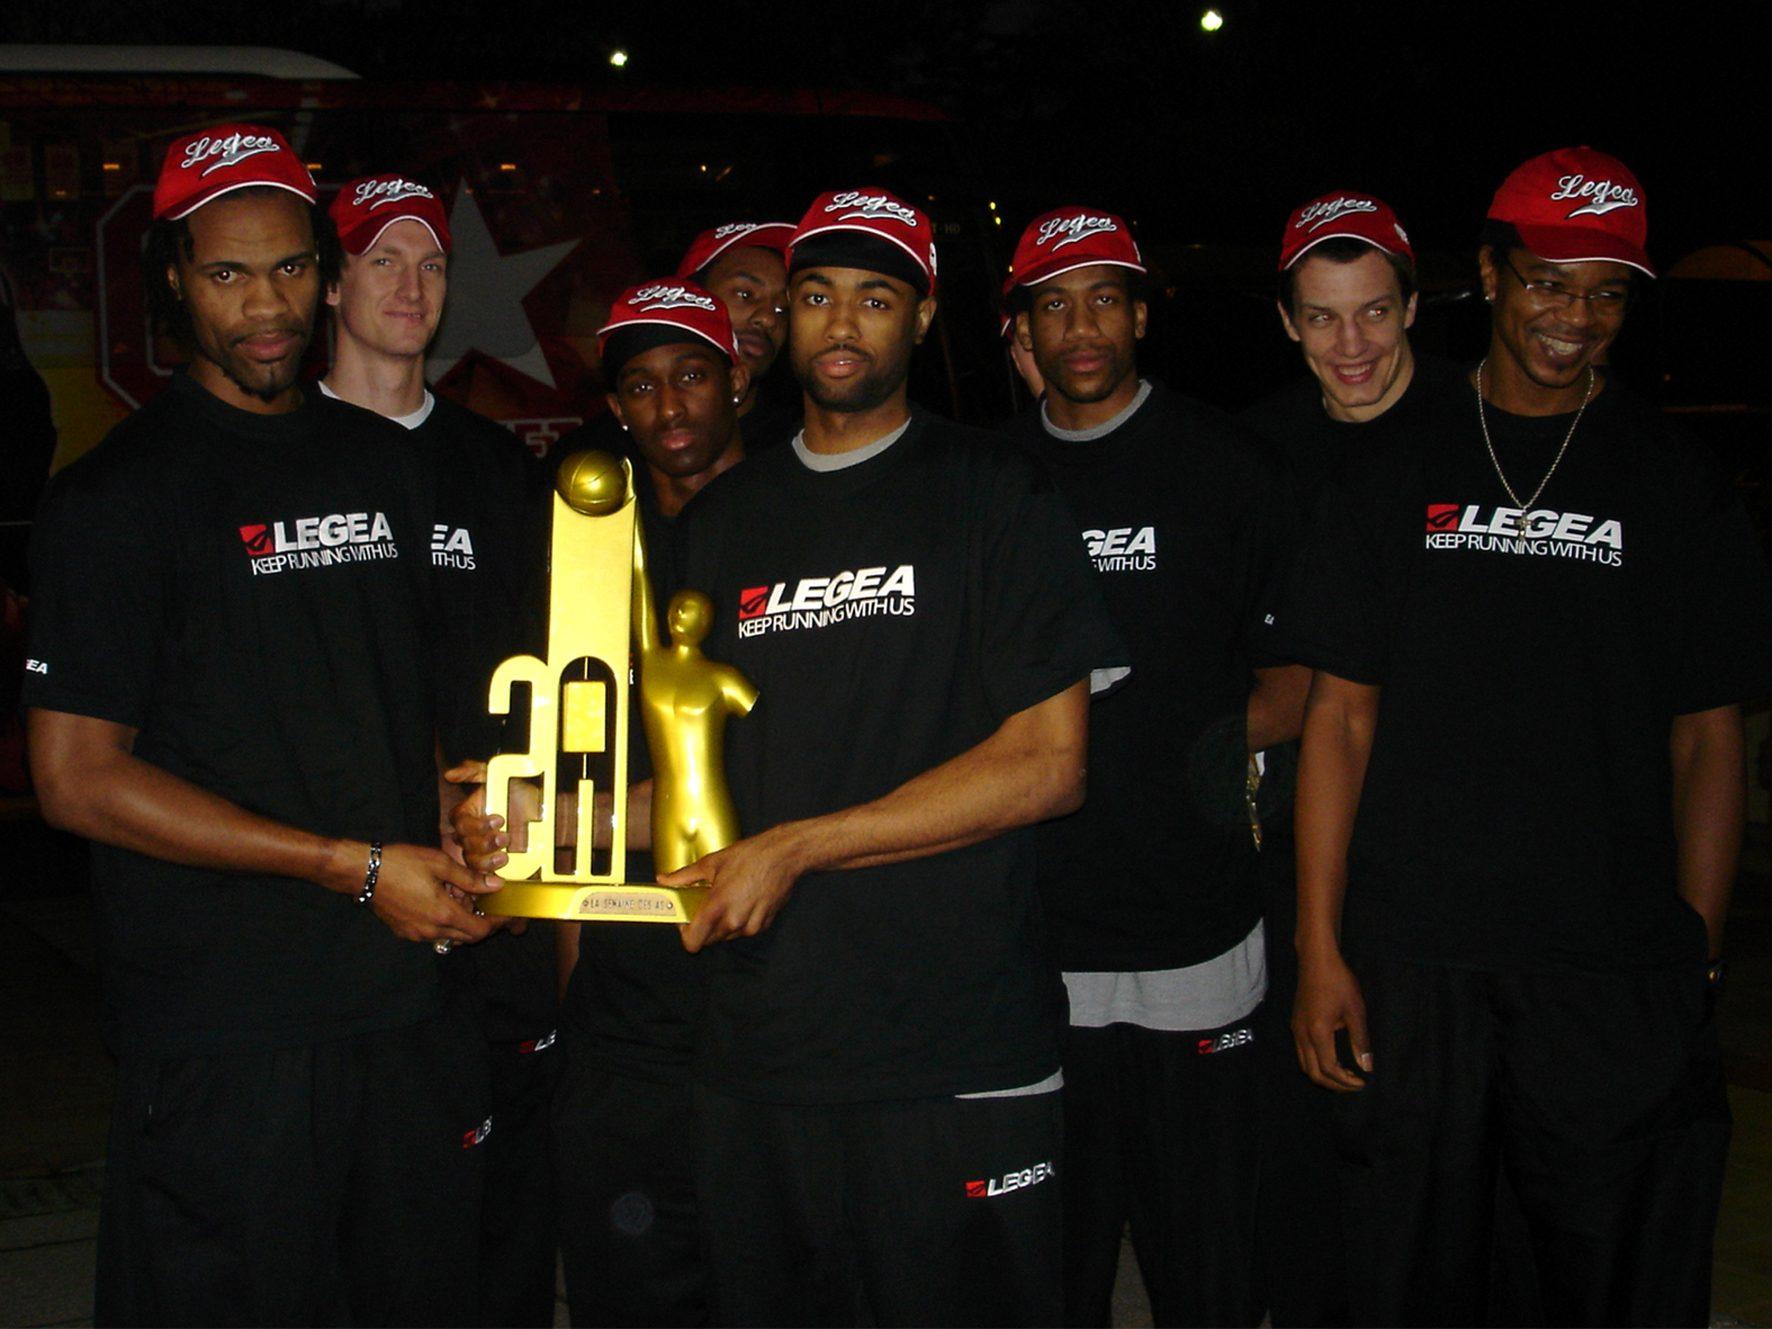 Vainqueurs de La Semaine des As 2008